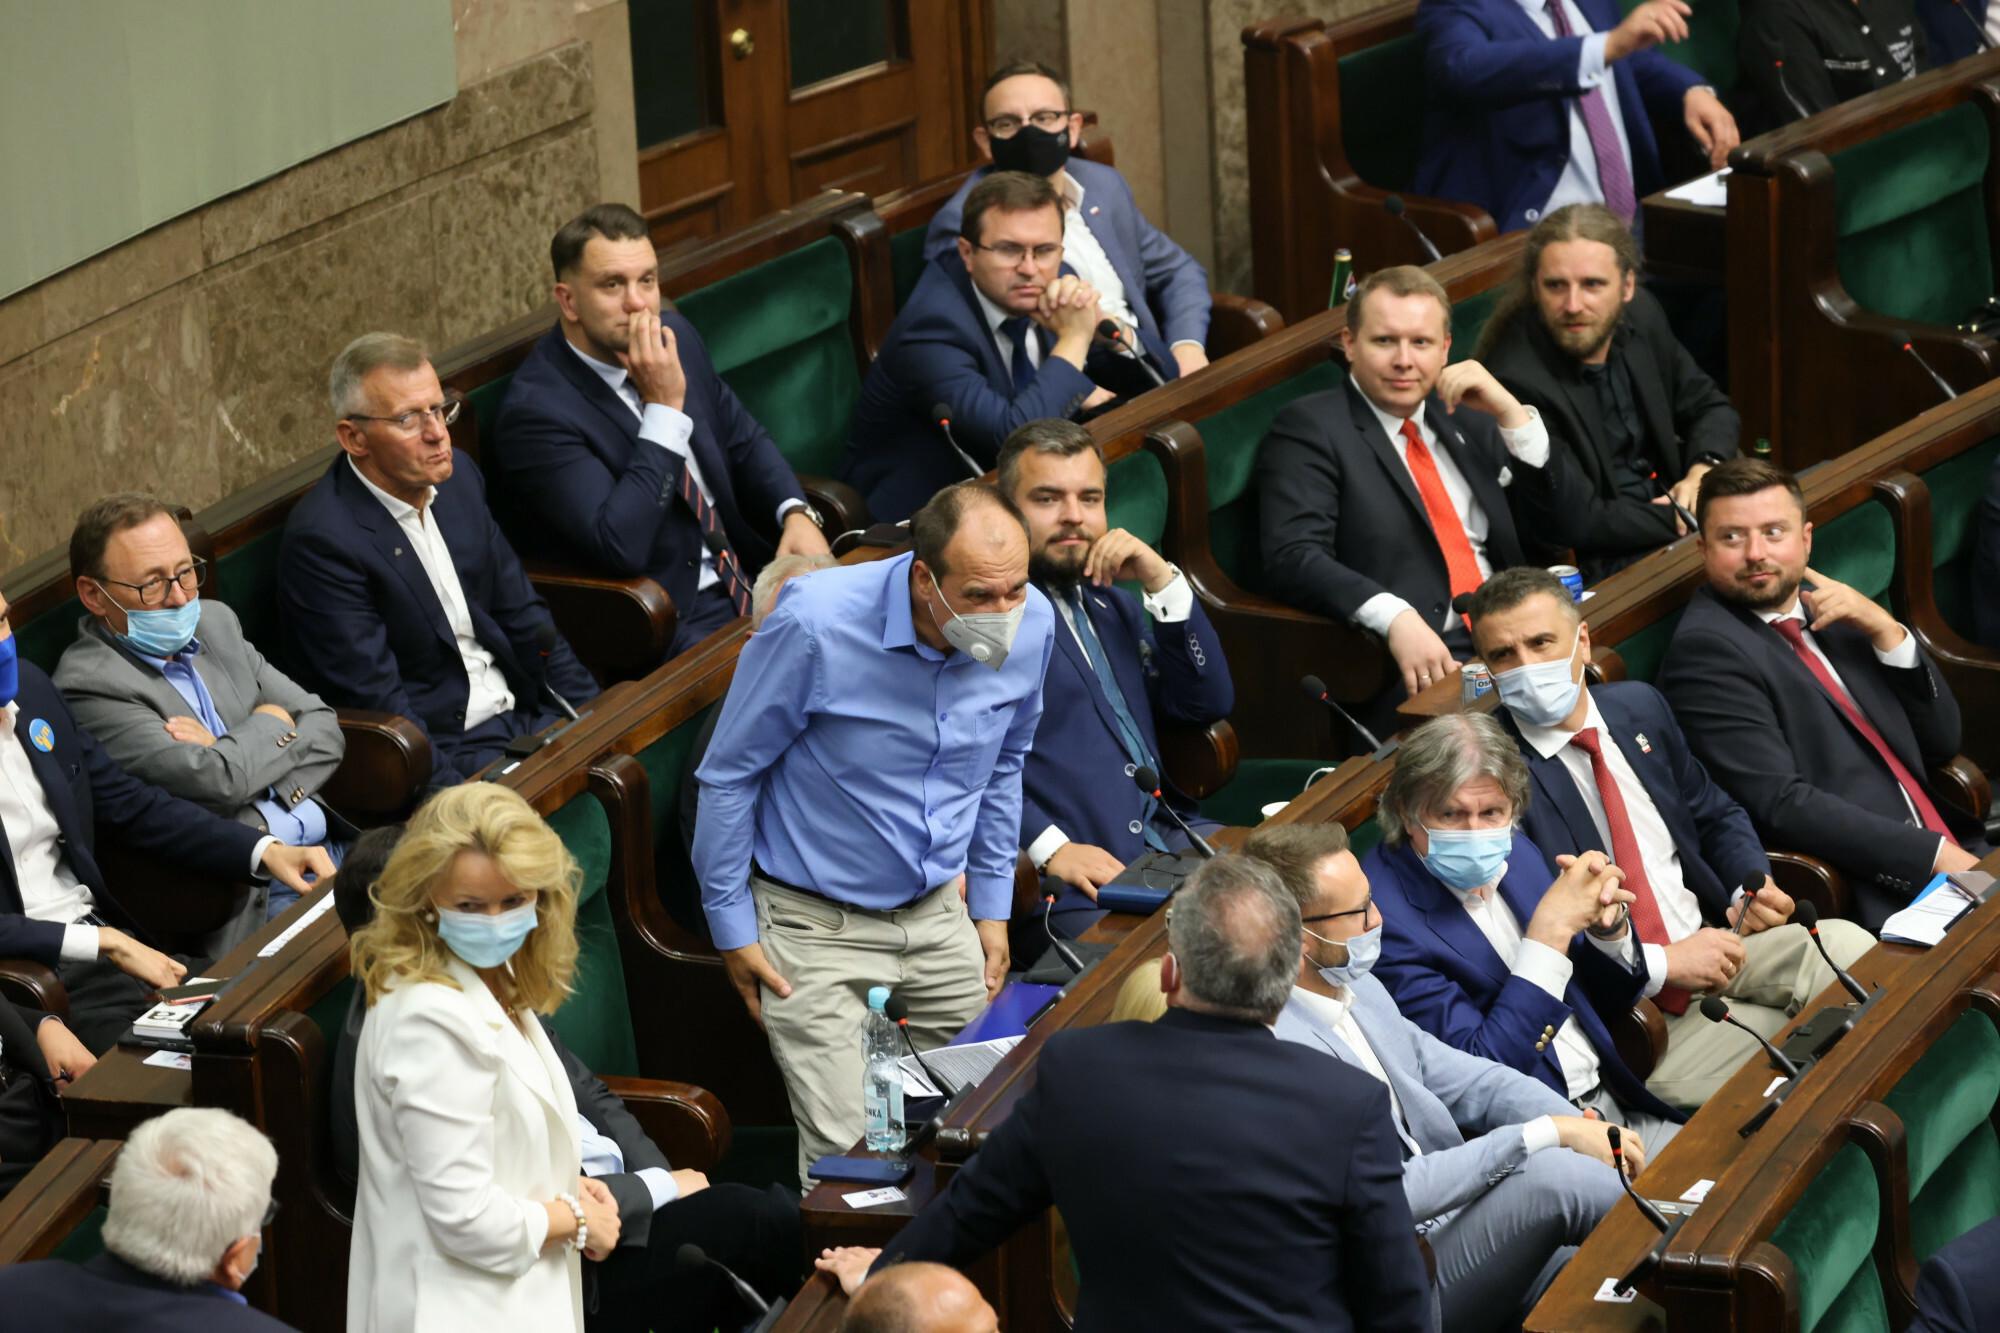 Zdjęcie: BusinessInsider Jacek Domiński / Reporter